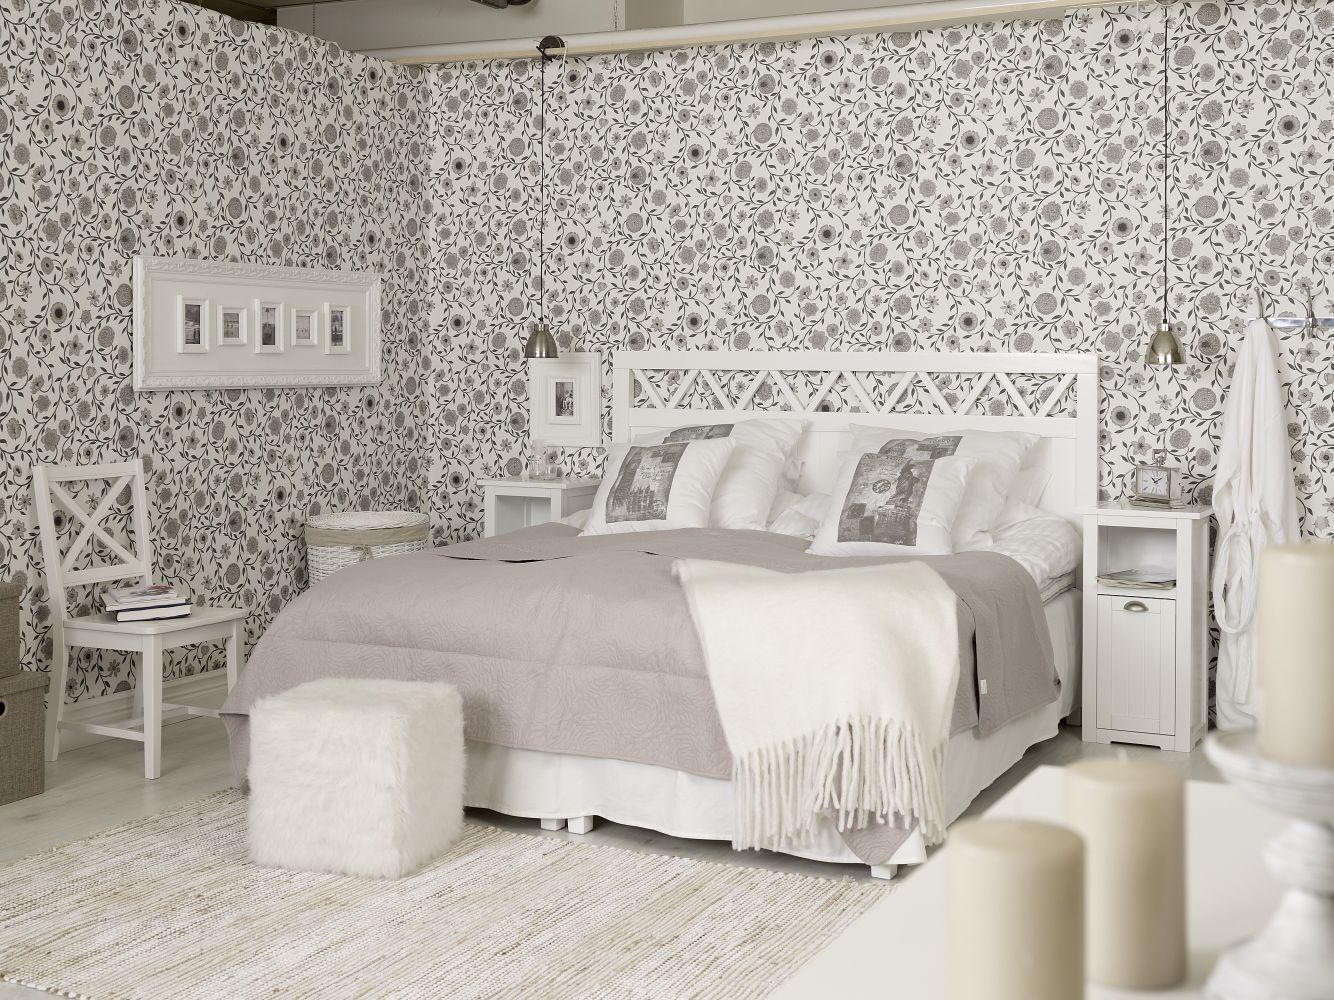 Splitter nya Vilma sänggavel till 180cm säng - vit - 2390 kr - Trendrum.se PC-98